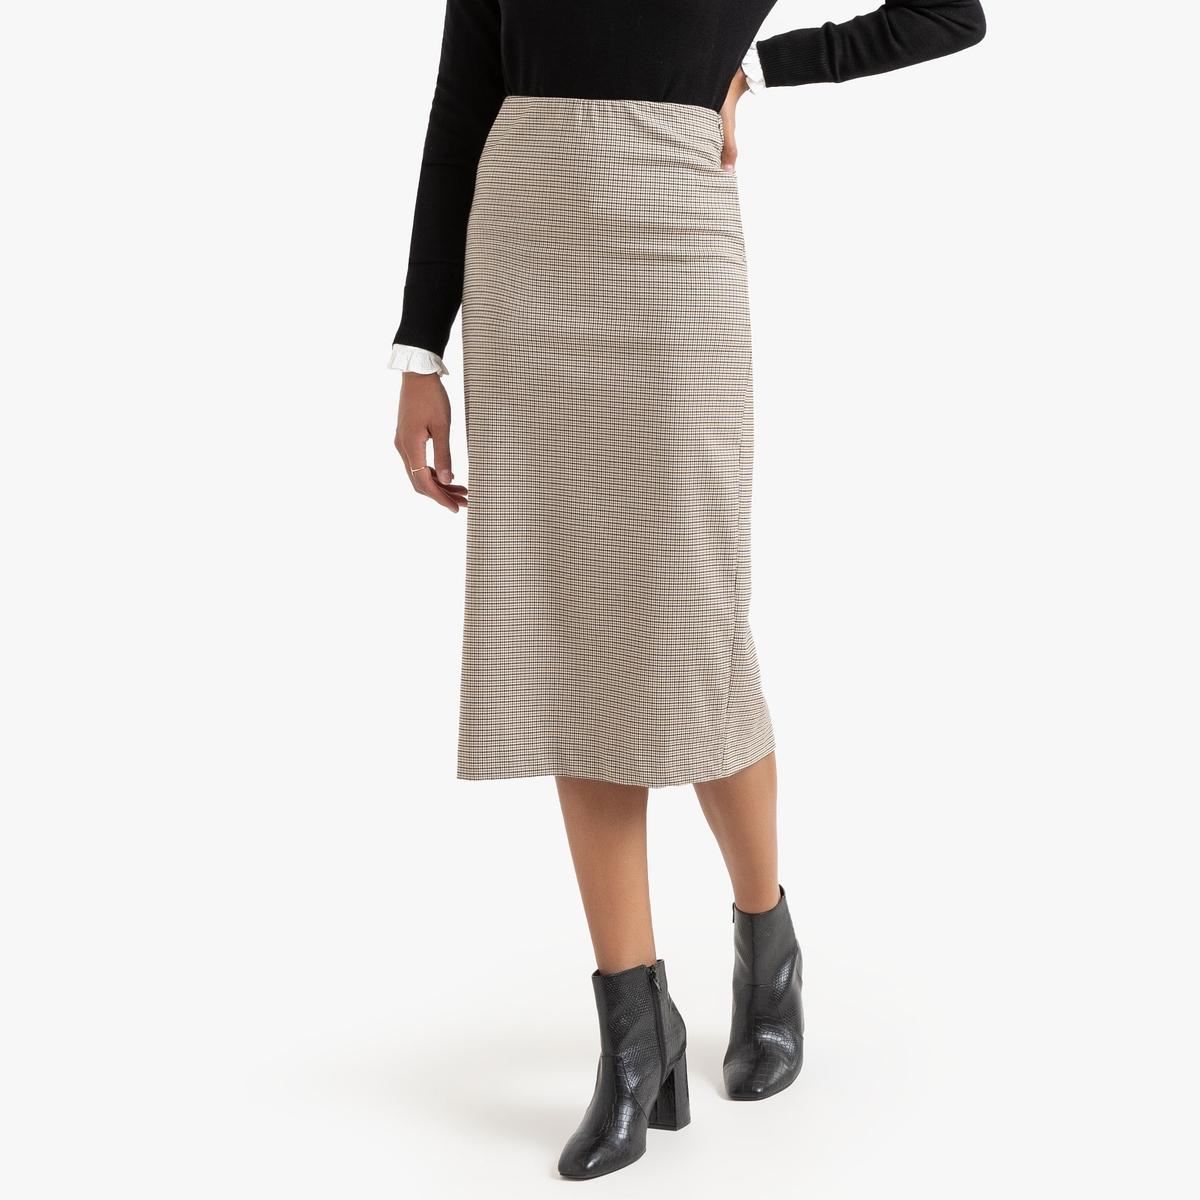 Falda tubo con cuadros pequeños, semilarga